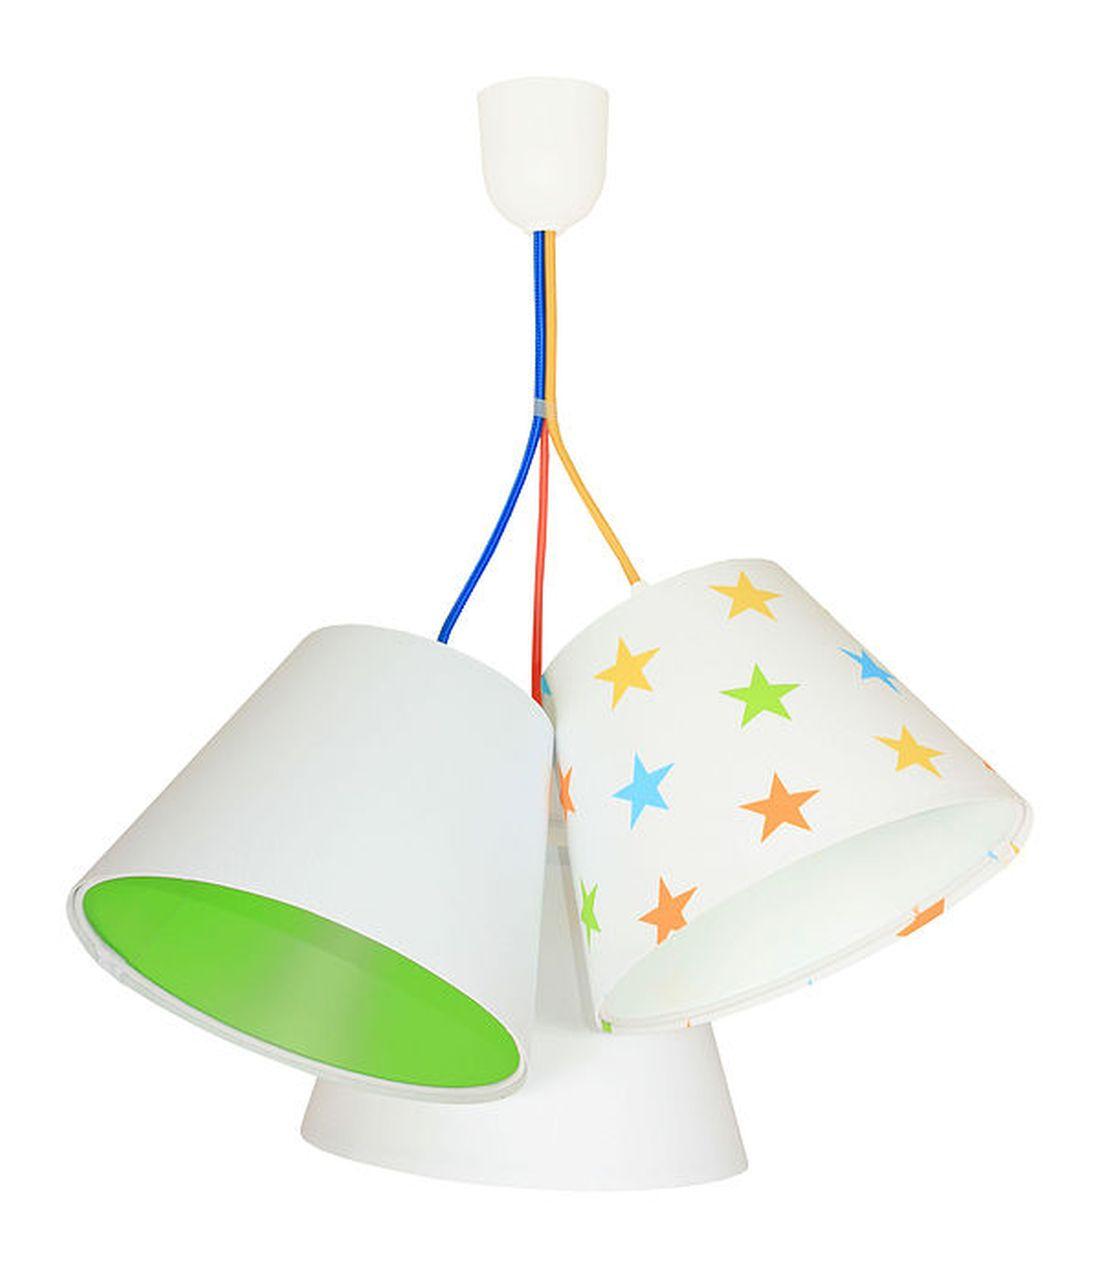 Hängeleuchte Kinderlampe Weiß Grün Sterne Stoff